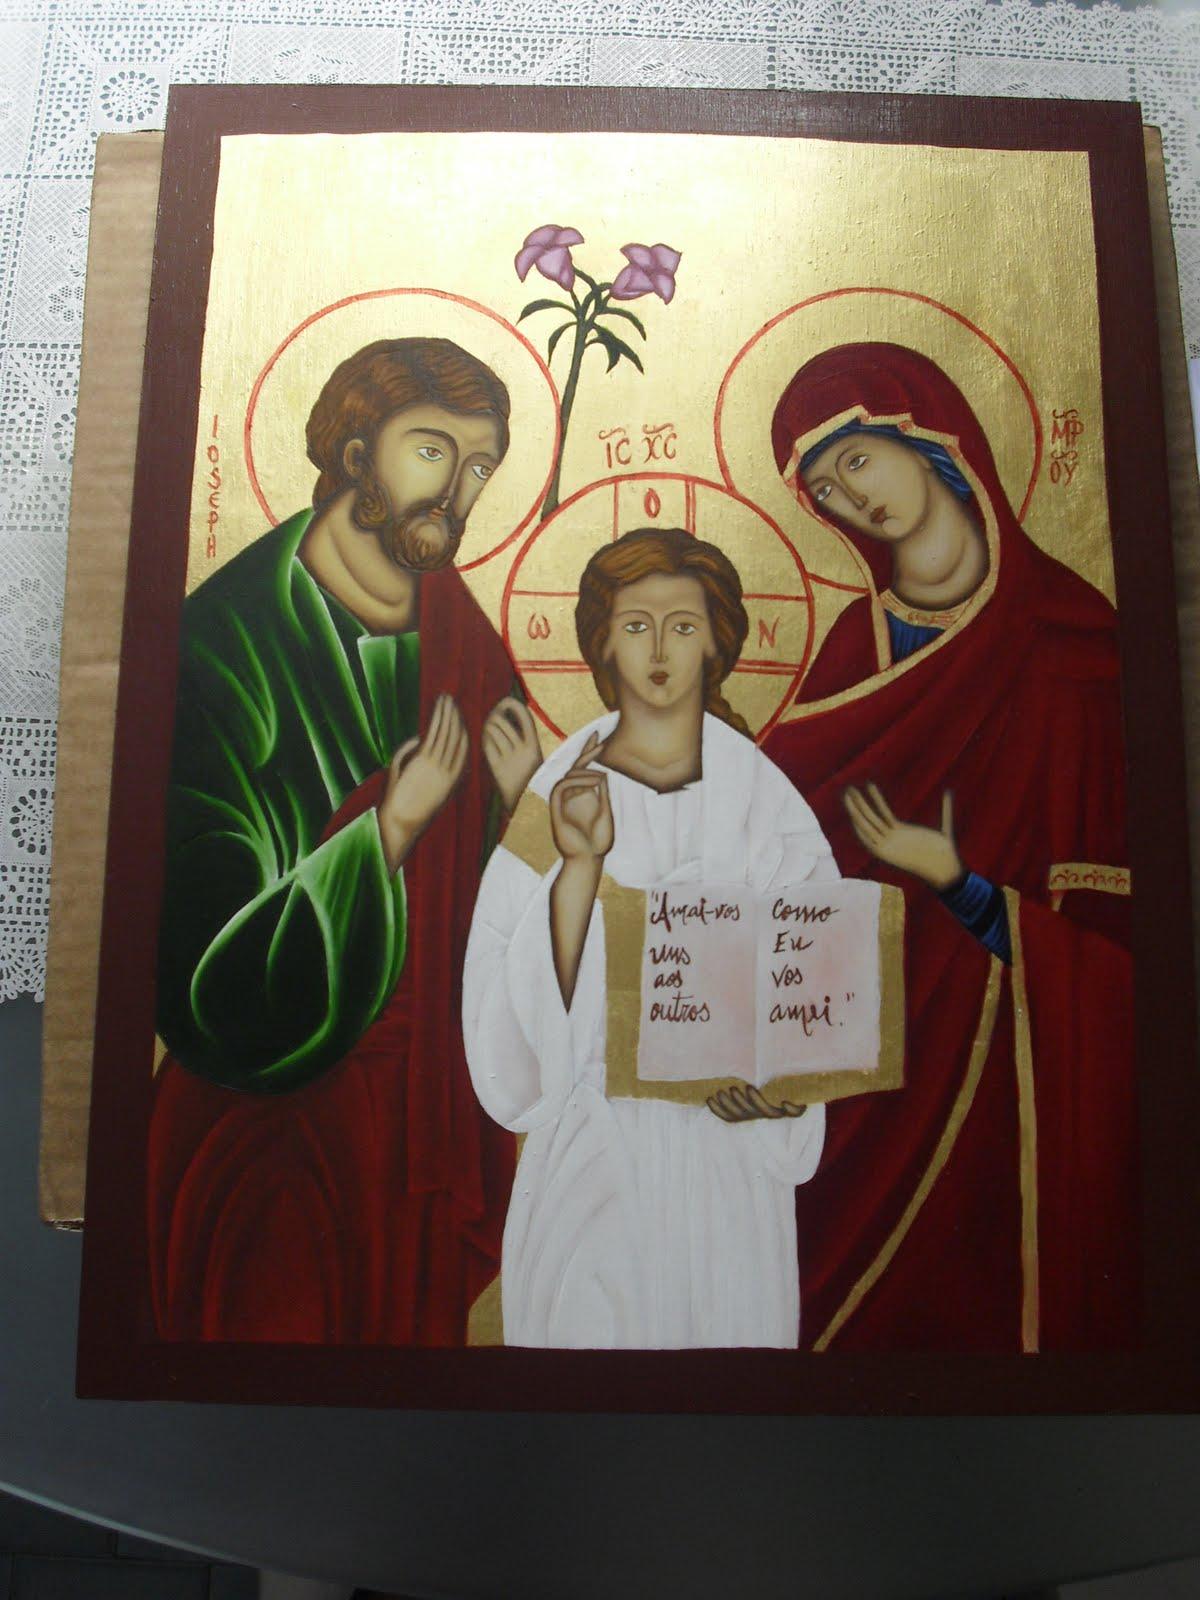 Arte sacra iconografia sagrada fam lia estilo icone - Estilo sagrada familia ...